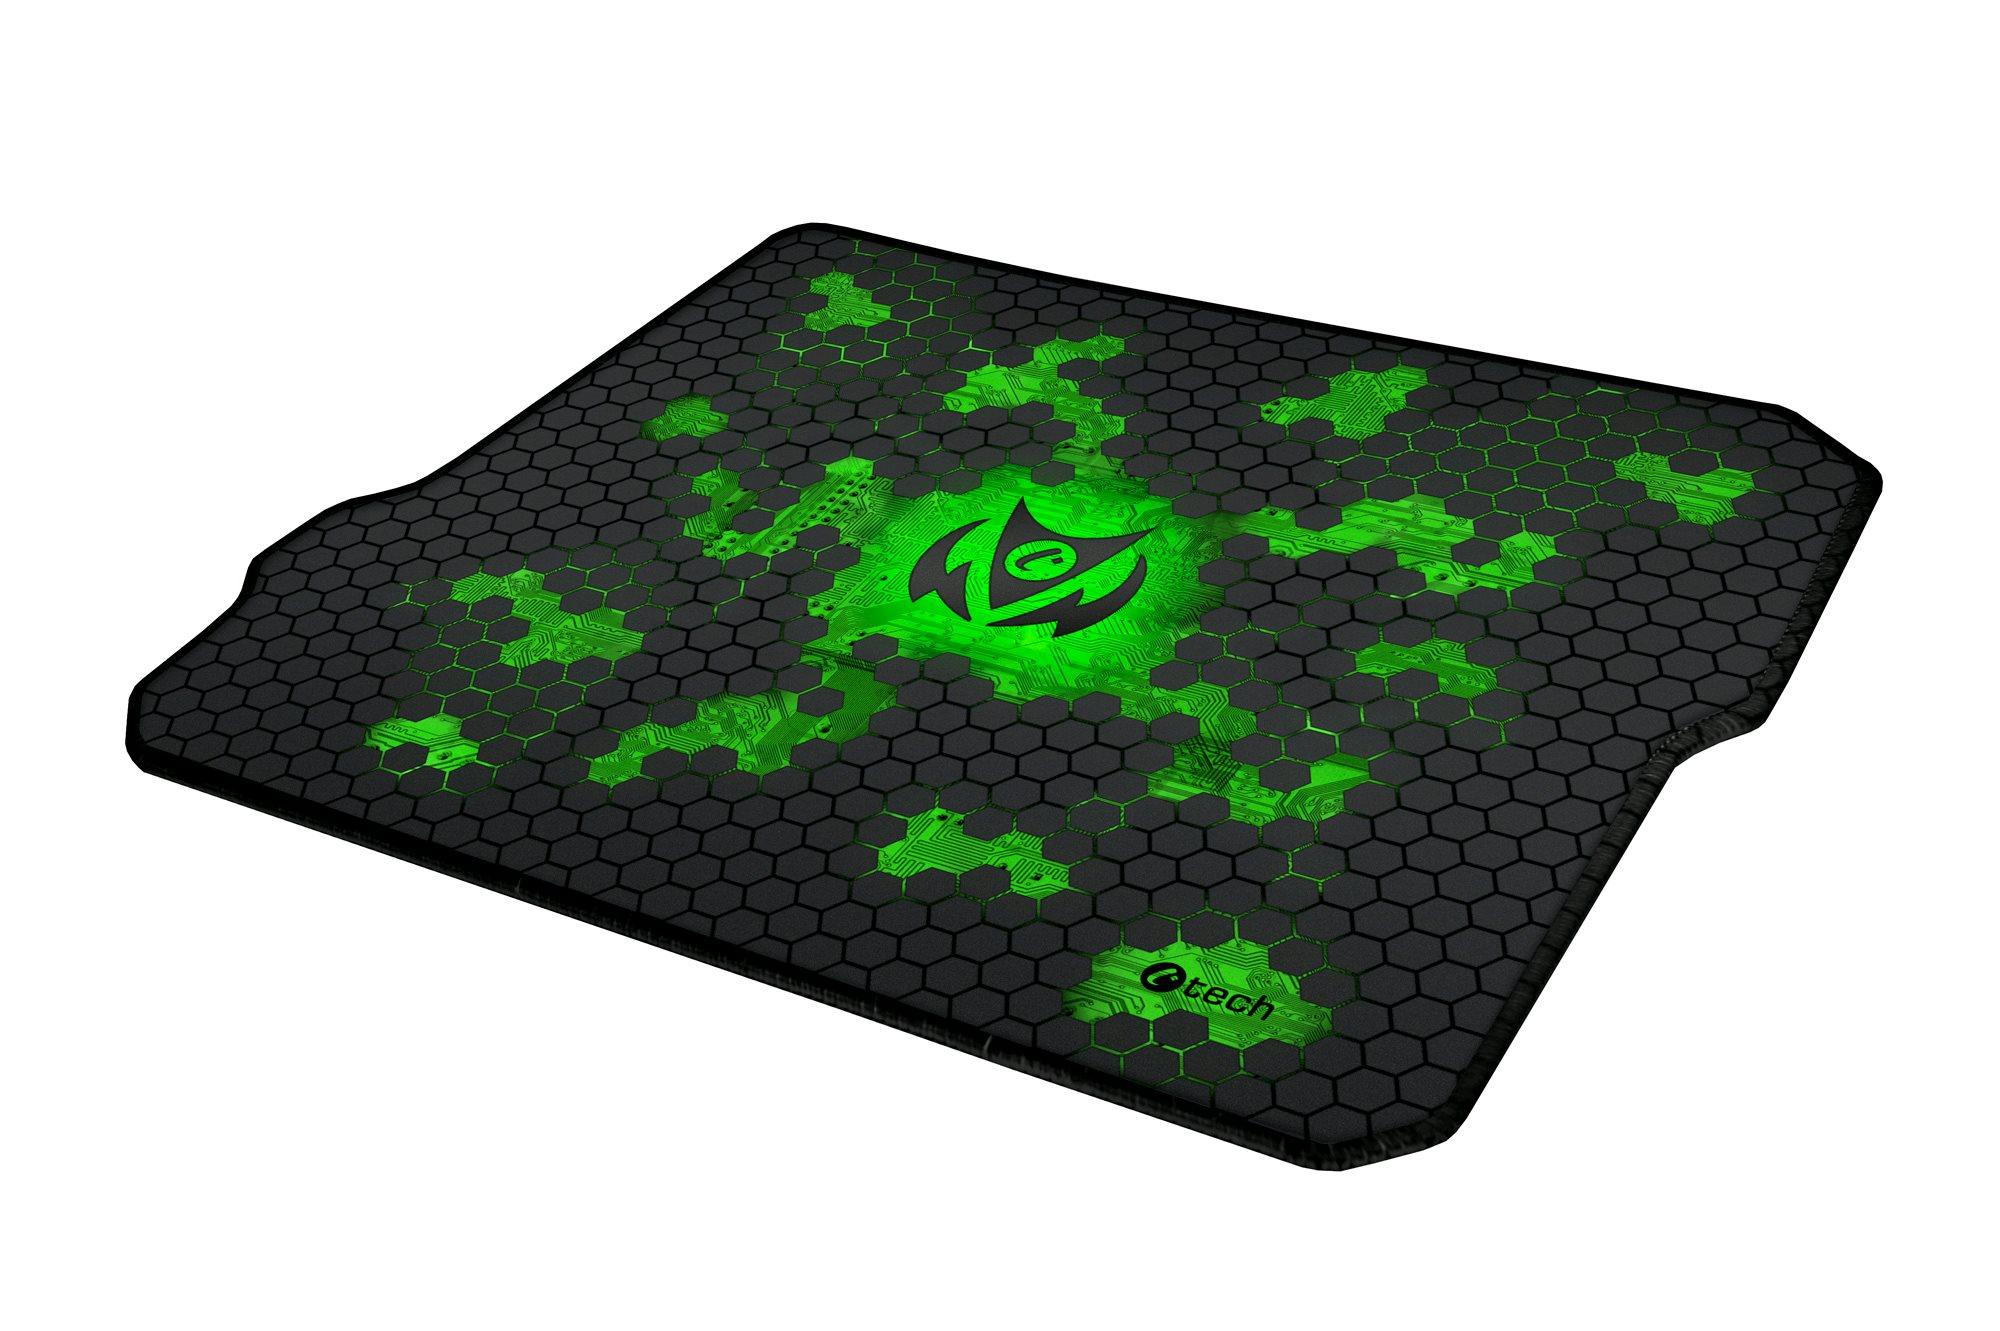 C-TECH herní podložka pod myš ANTHEA CYBER GREEN, 320x270x4mm, obšité okraje